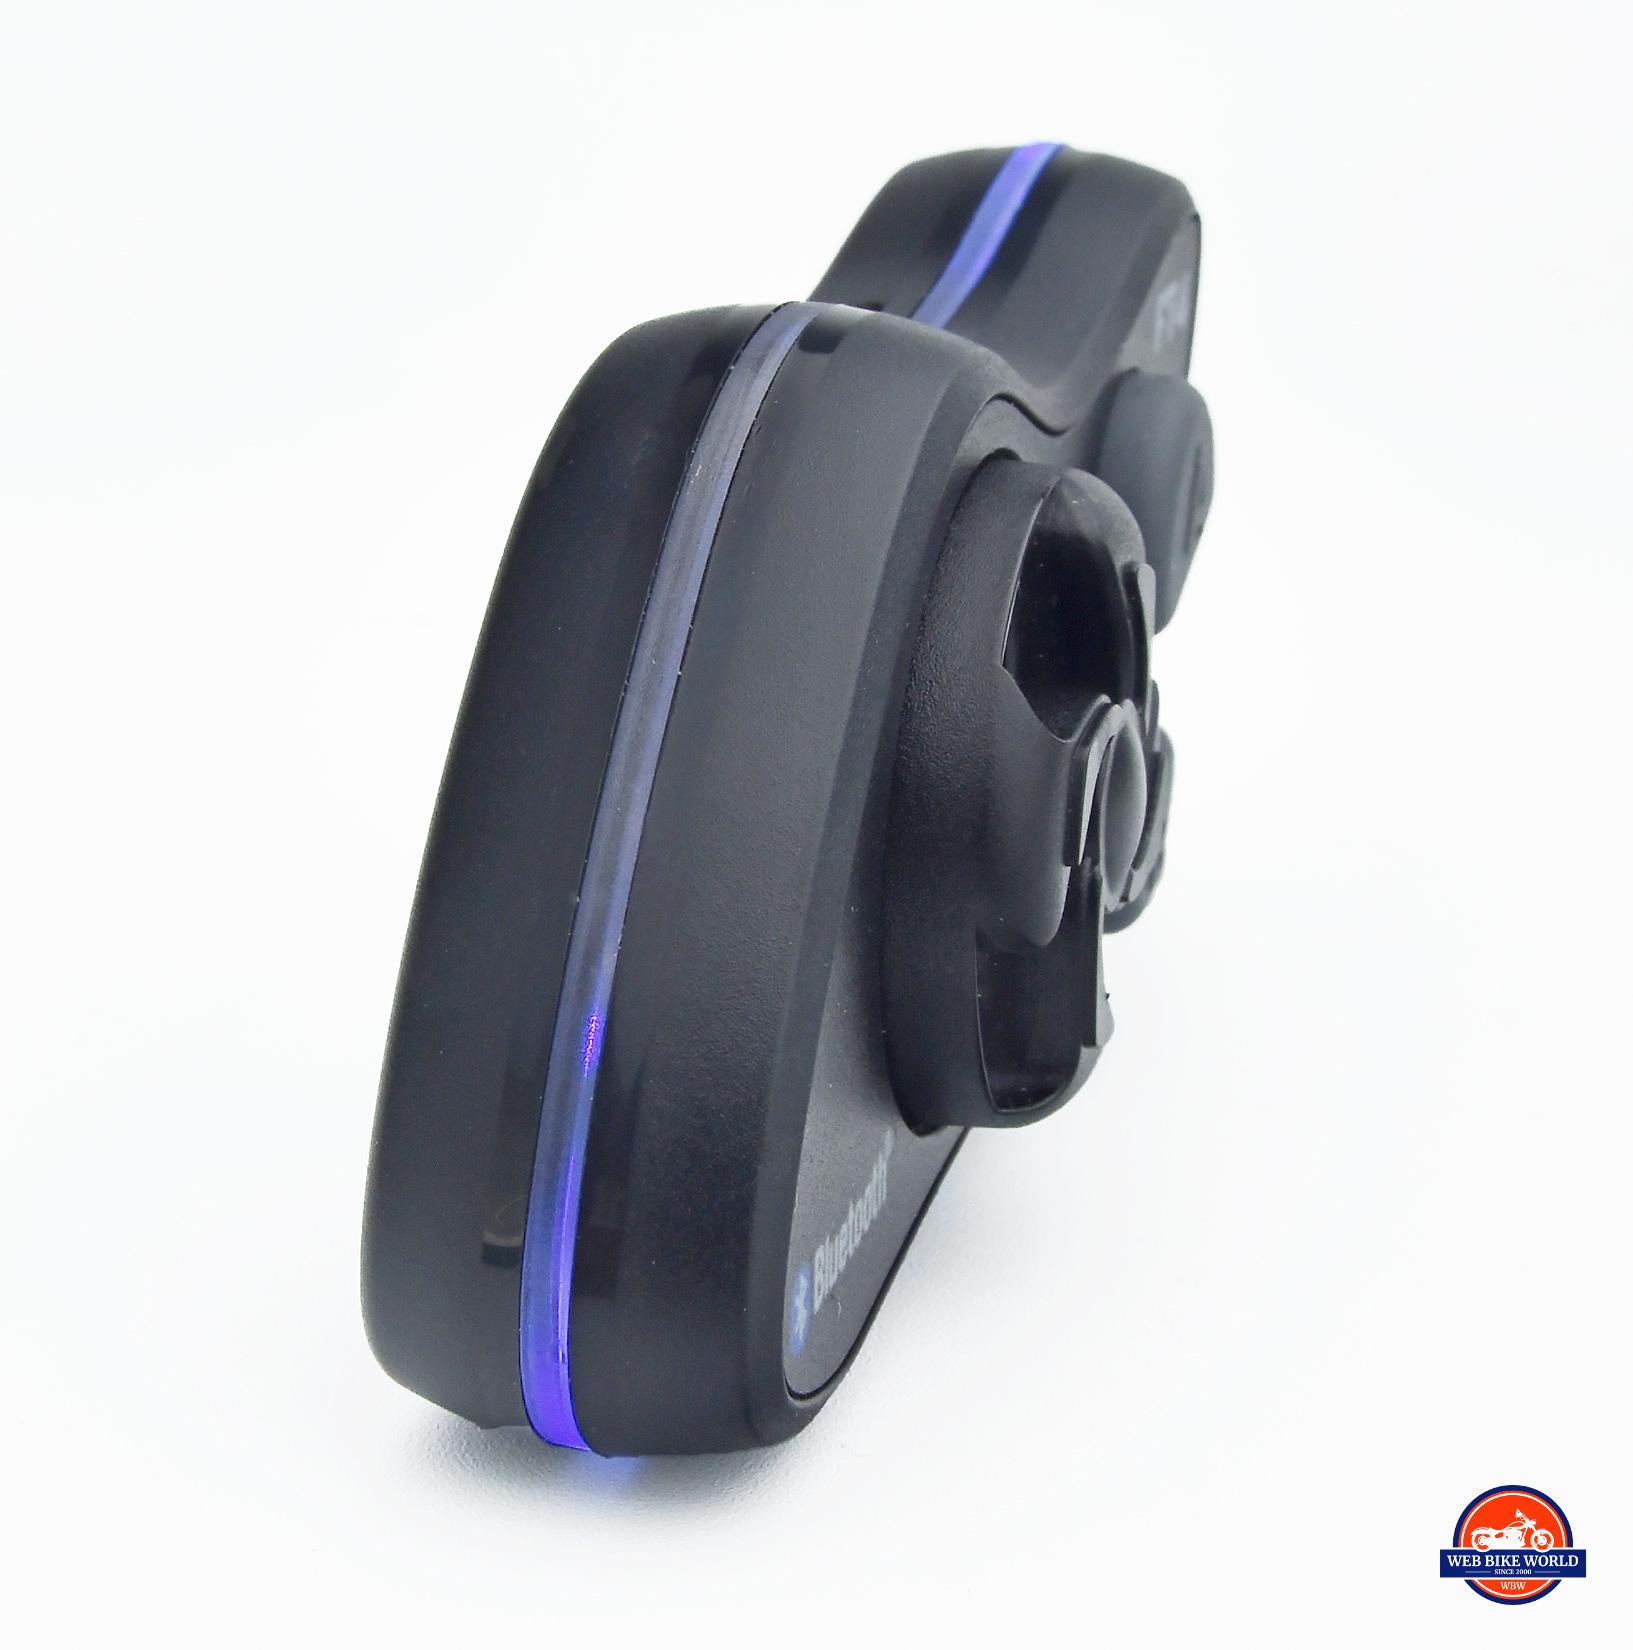 Blue LED light on the Lexin FT4.